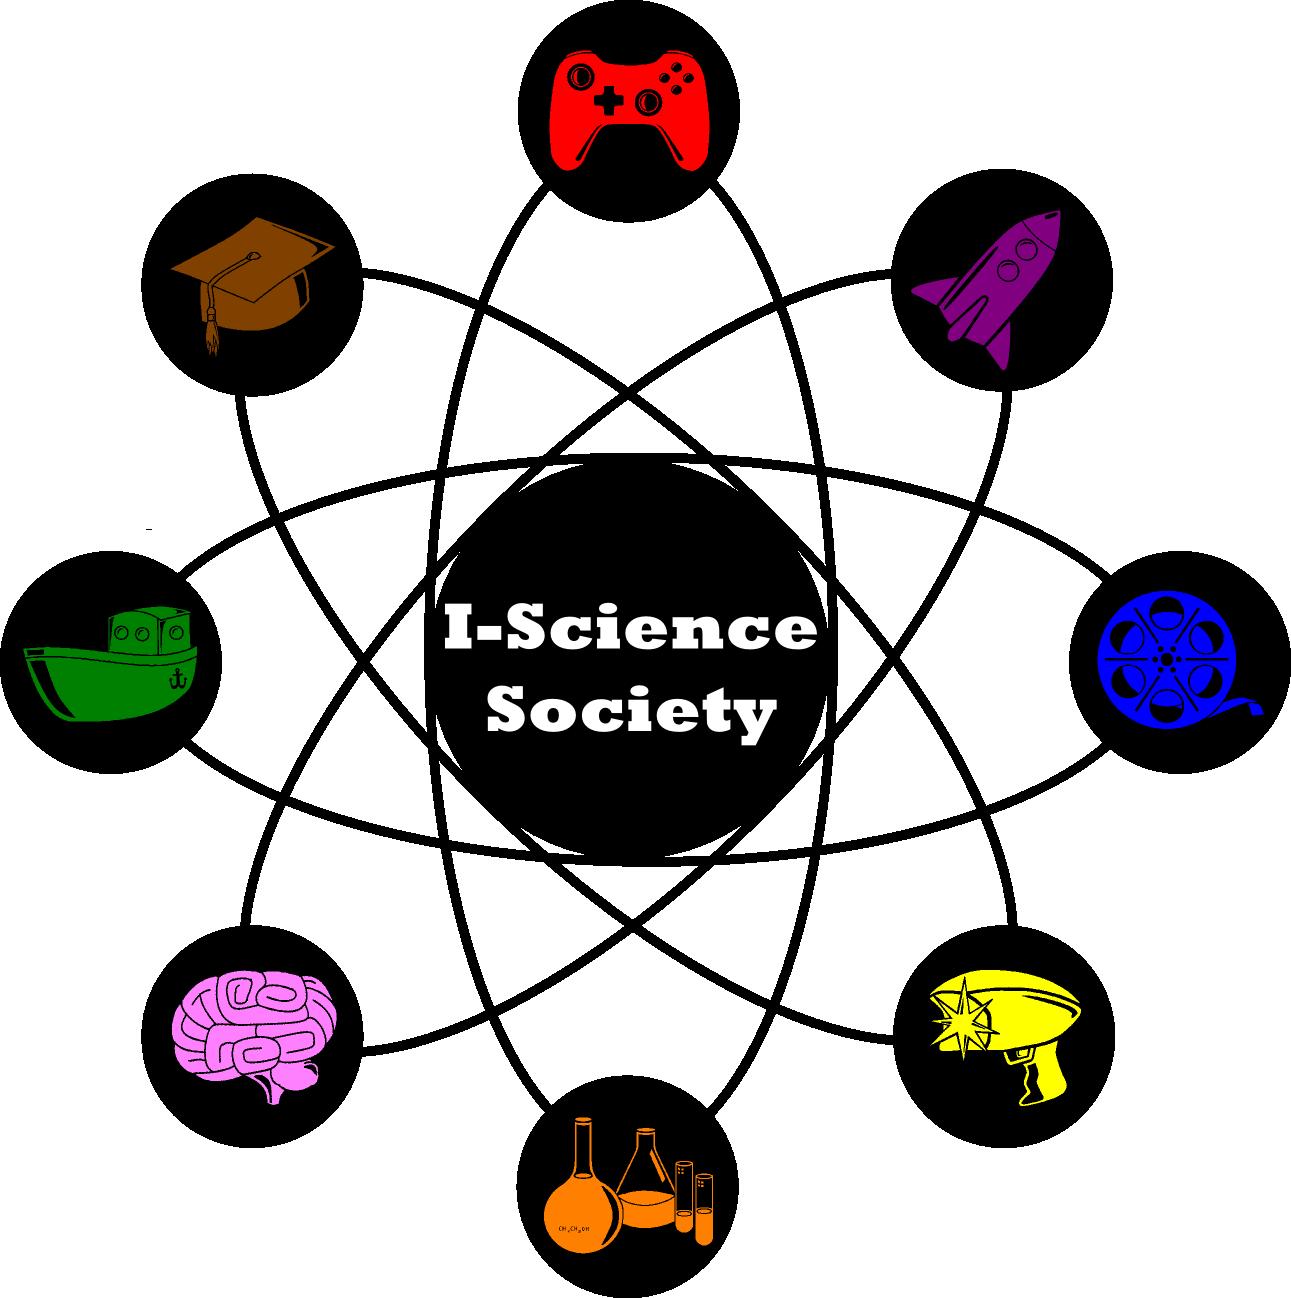 I-Sci Soc Logo